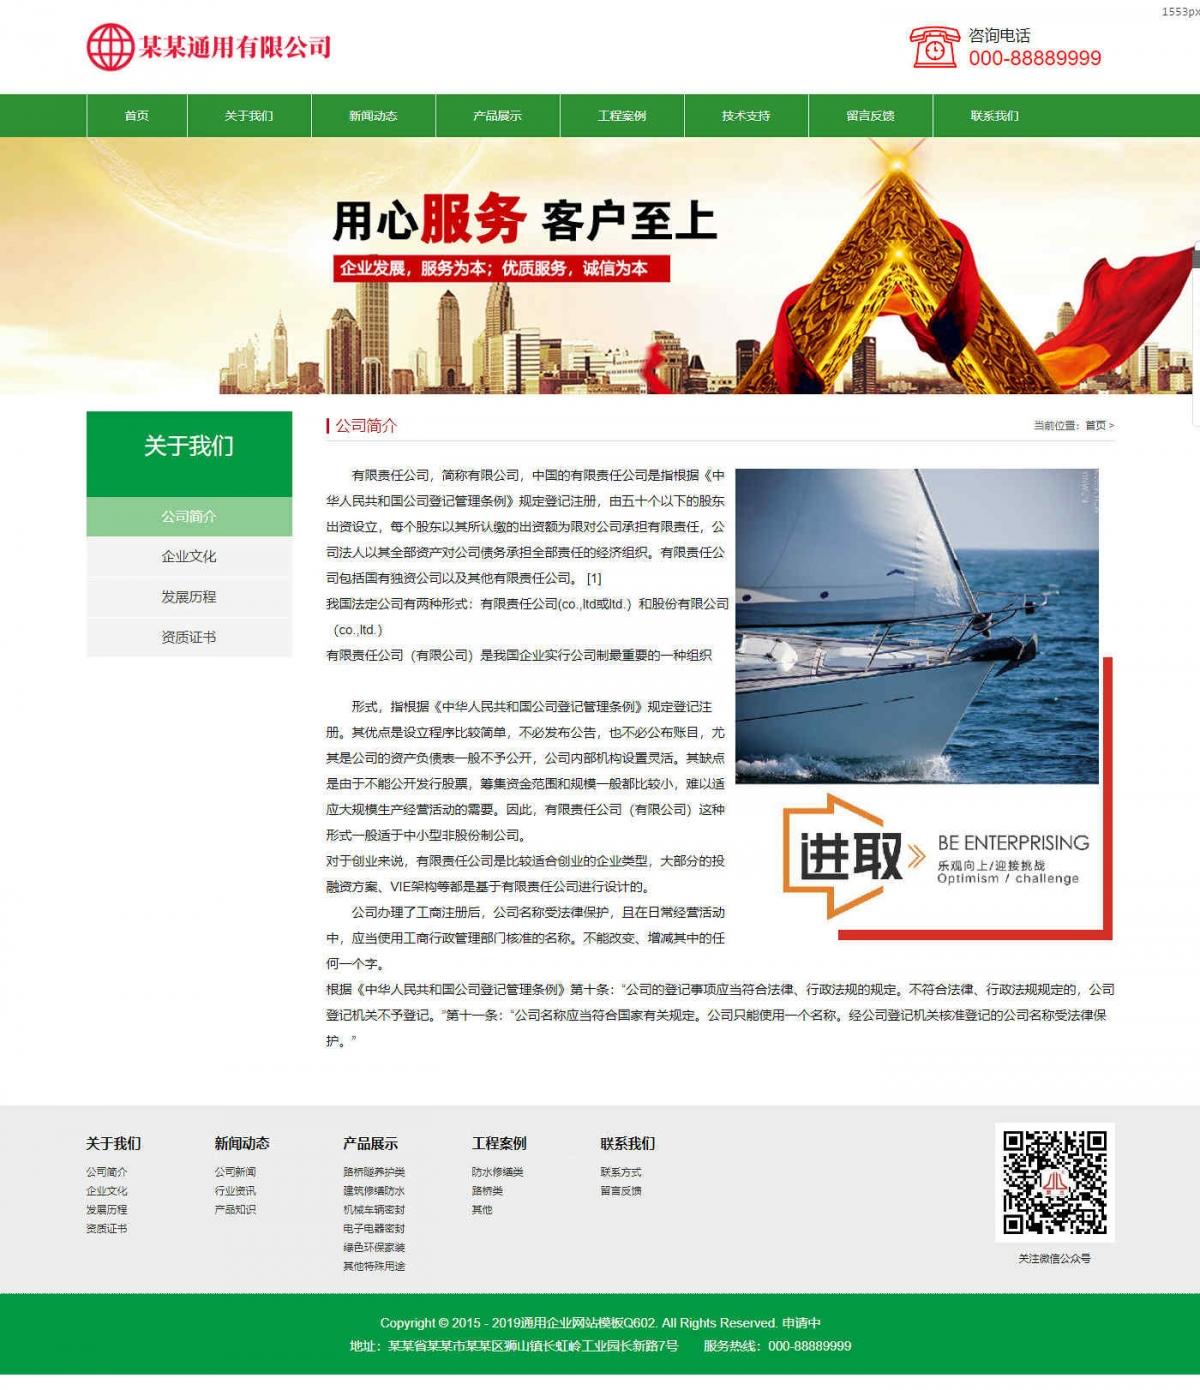 公司简介_通用企业网站模板Q602-jpg